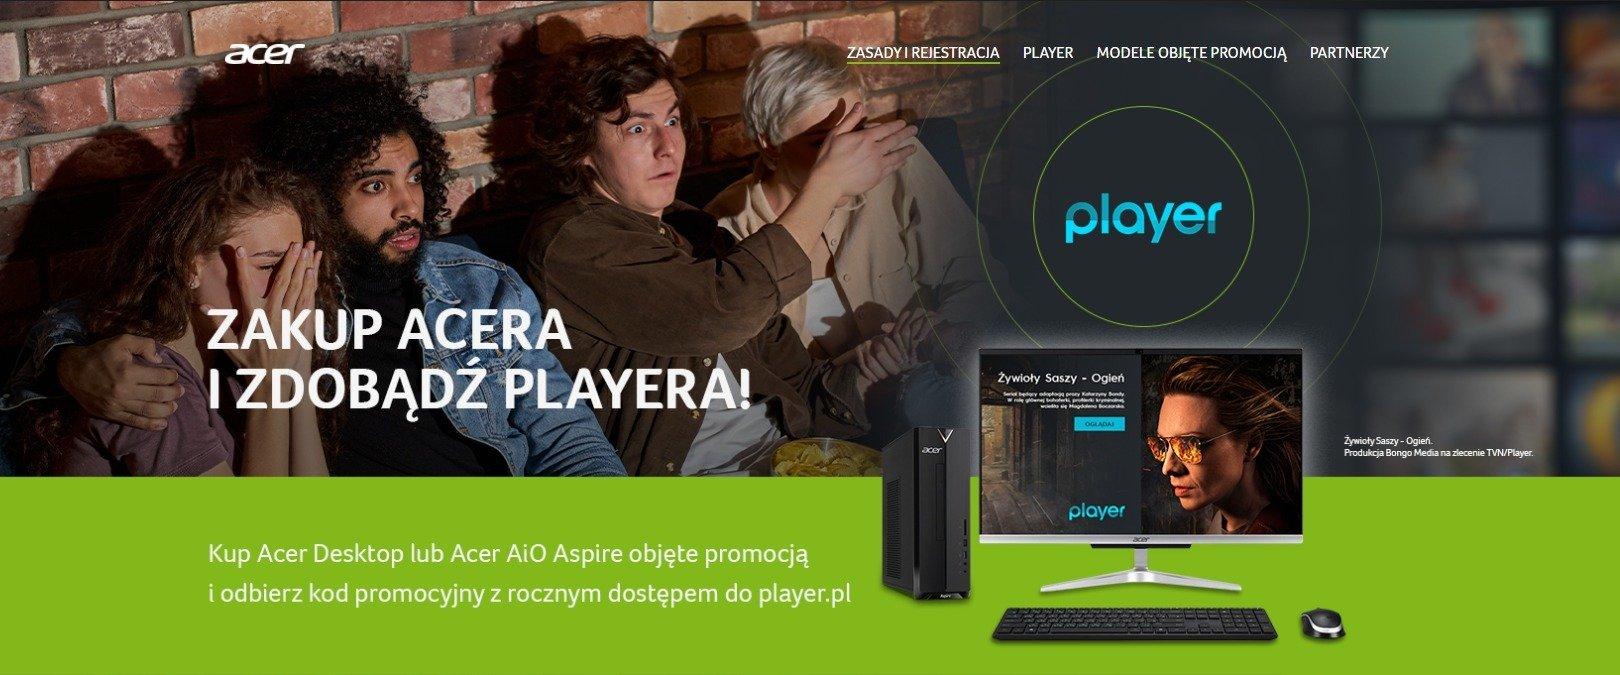 Przy zakupie komputera z serii Acer Aspire – roczna subskrypcja Player.pl za darmo